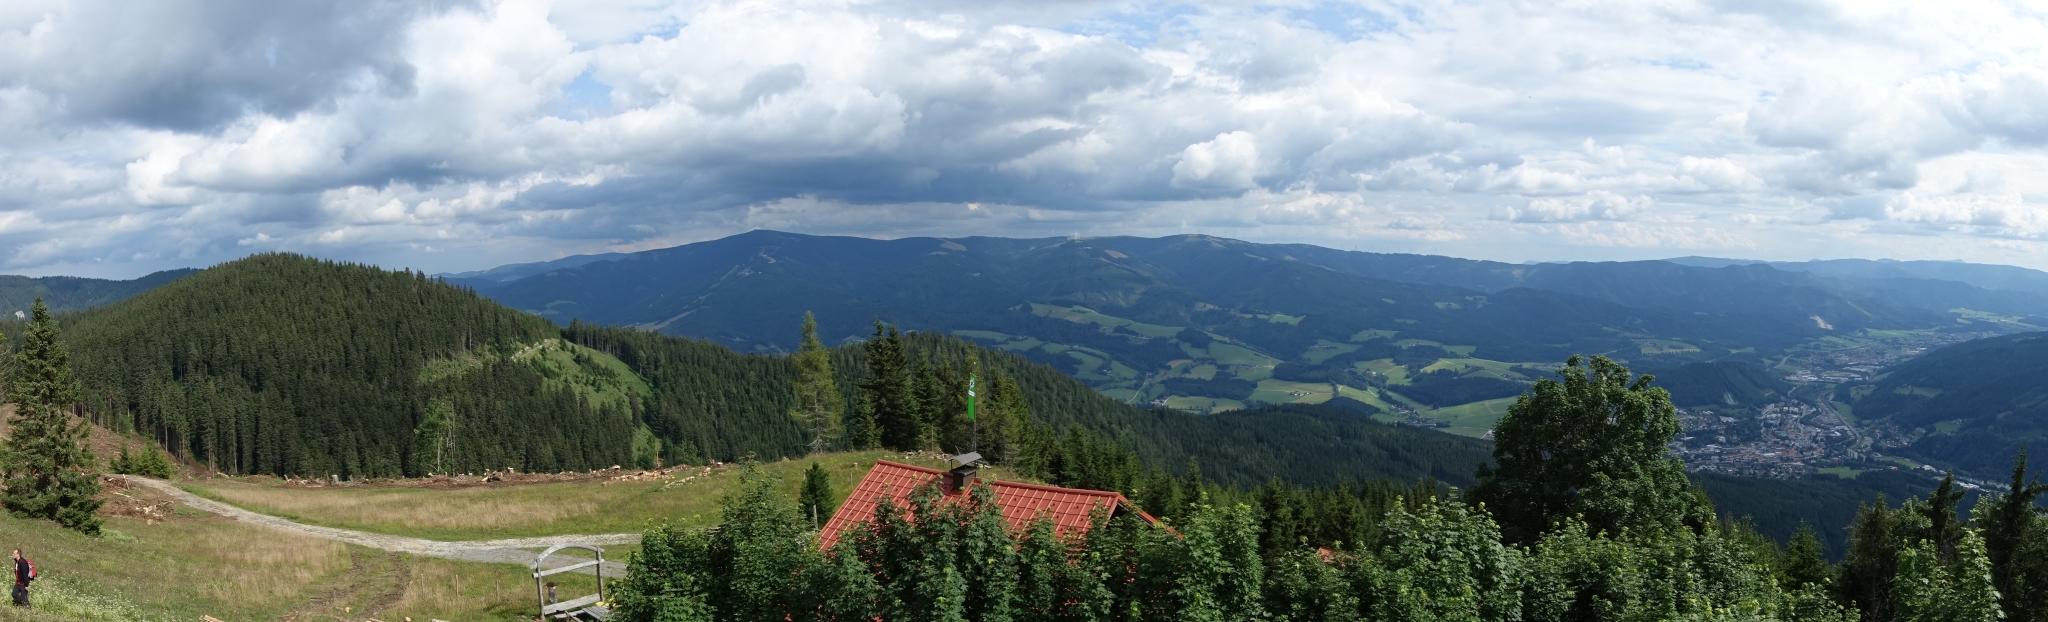 Panorama von der Großen Scheibe über das Dach der Scheibenhütte drüber.